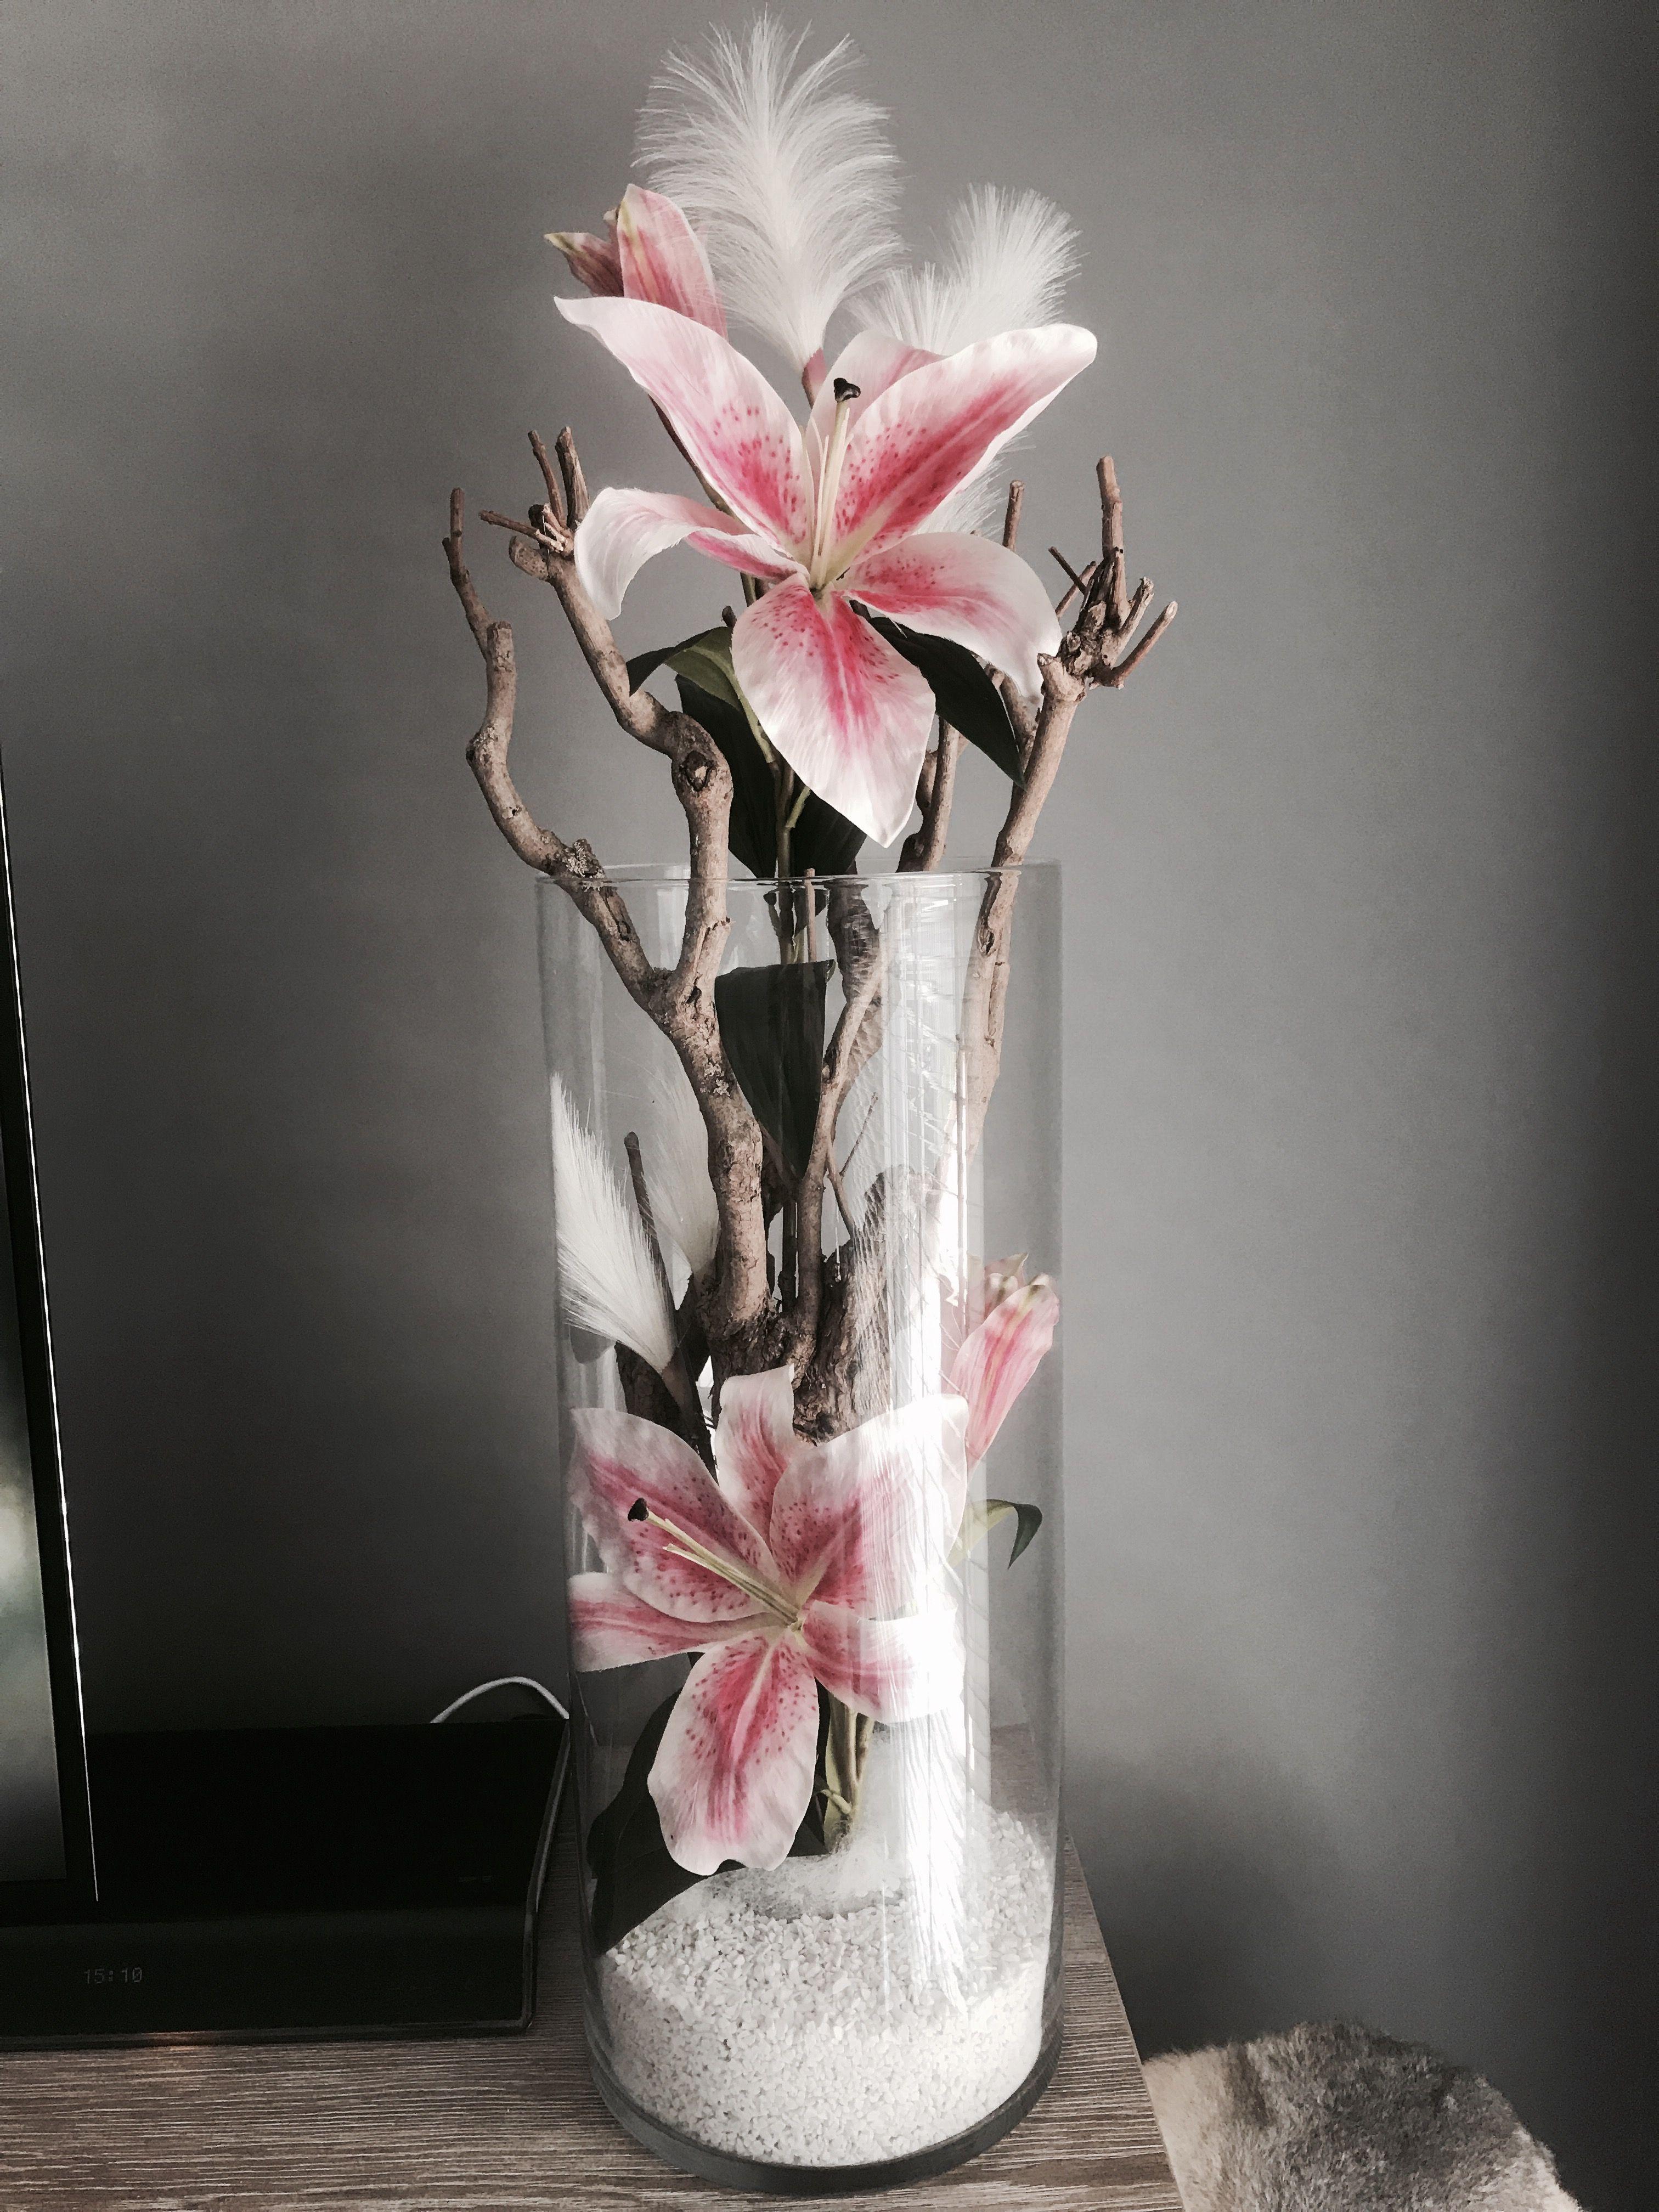 Plant in vaas, takken en bloemen! @bloemenjungle @nederland #bodenvasedekorieren